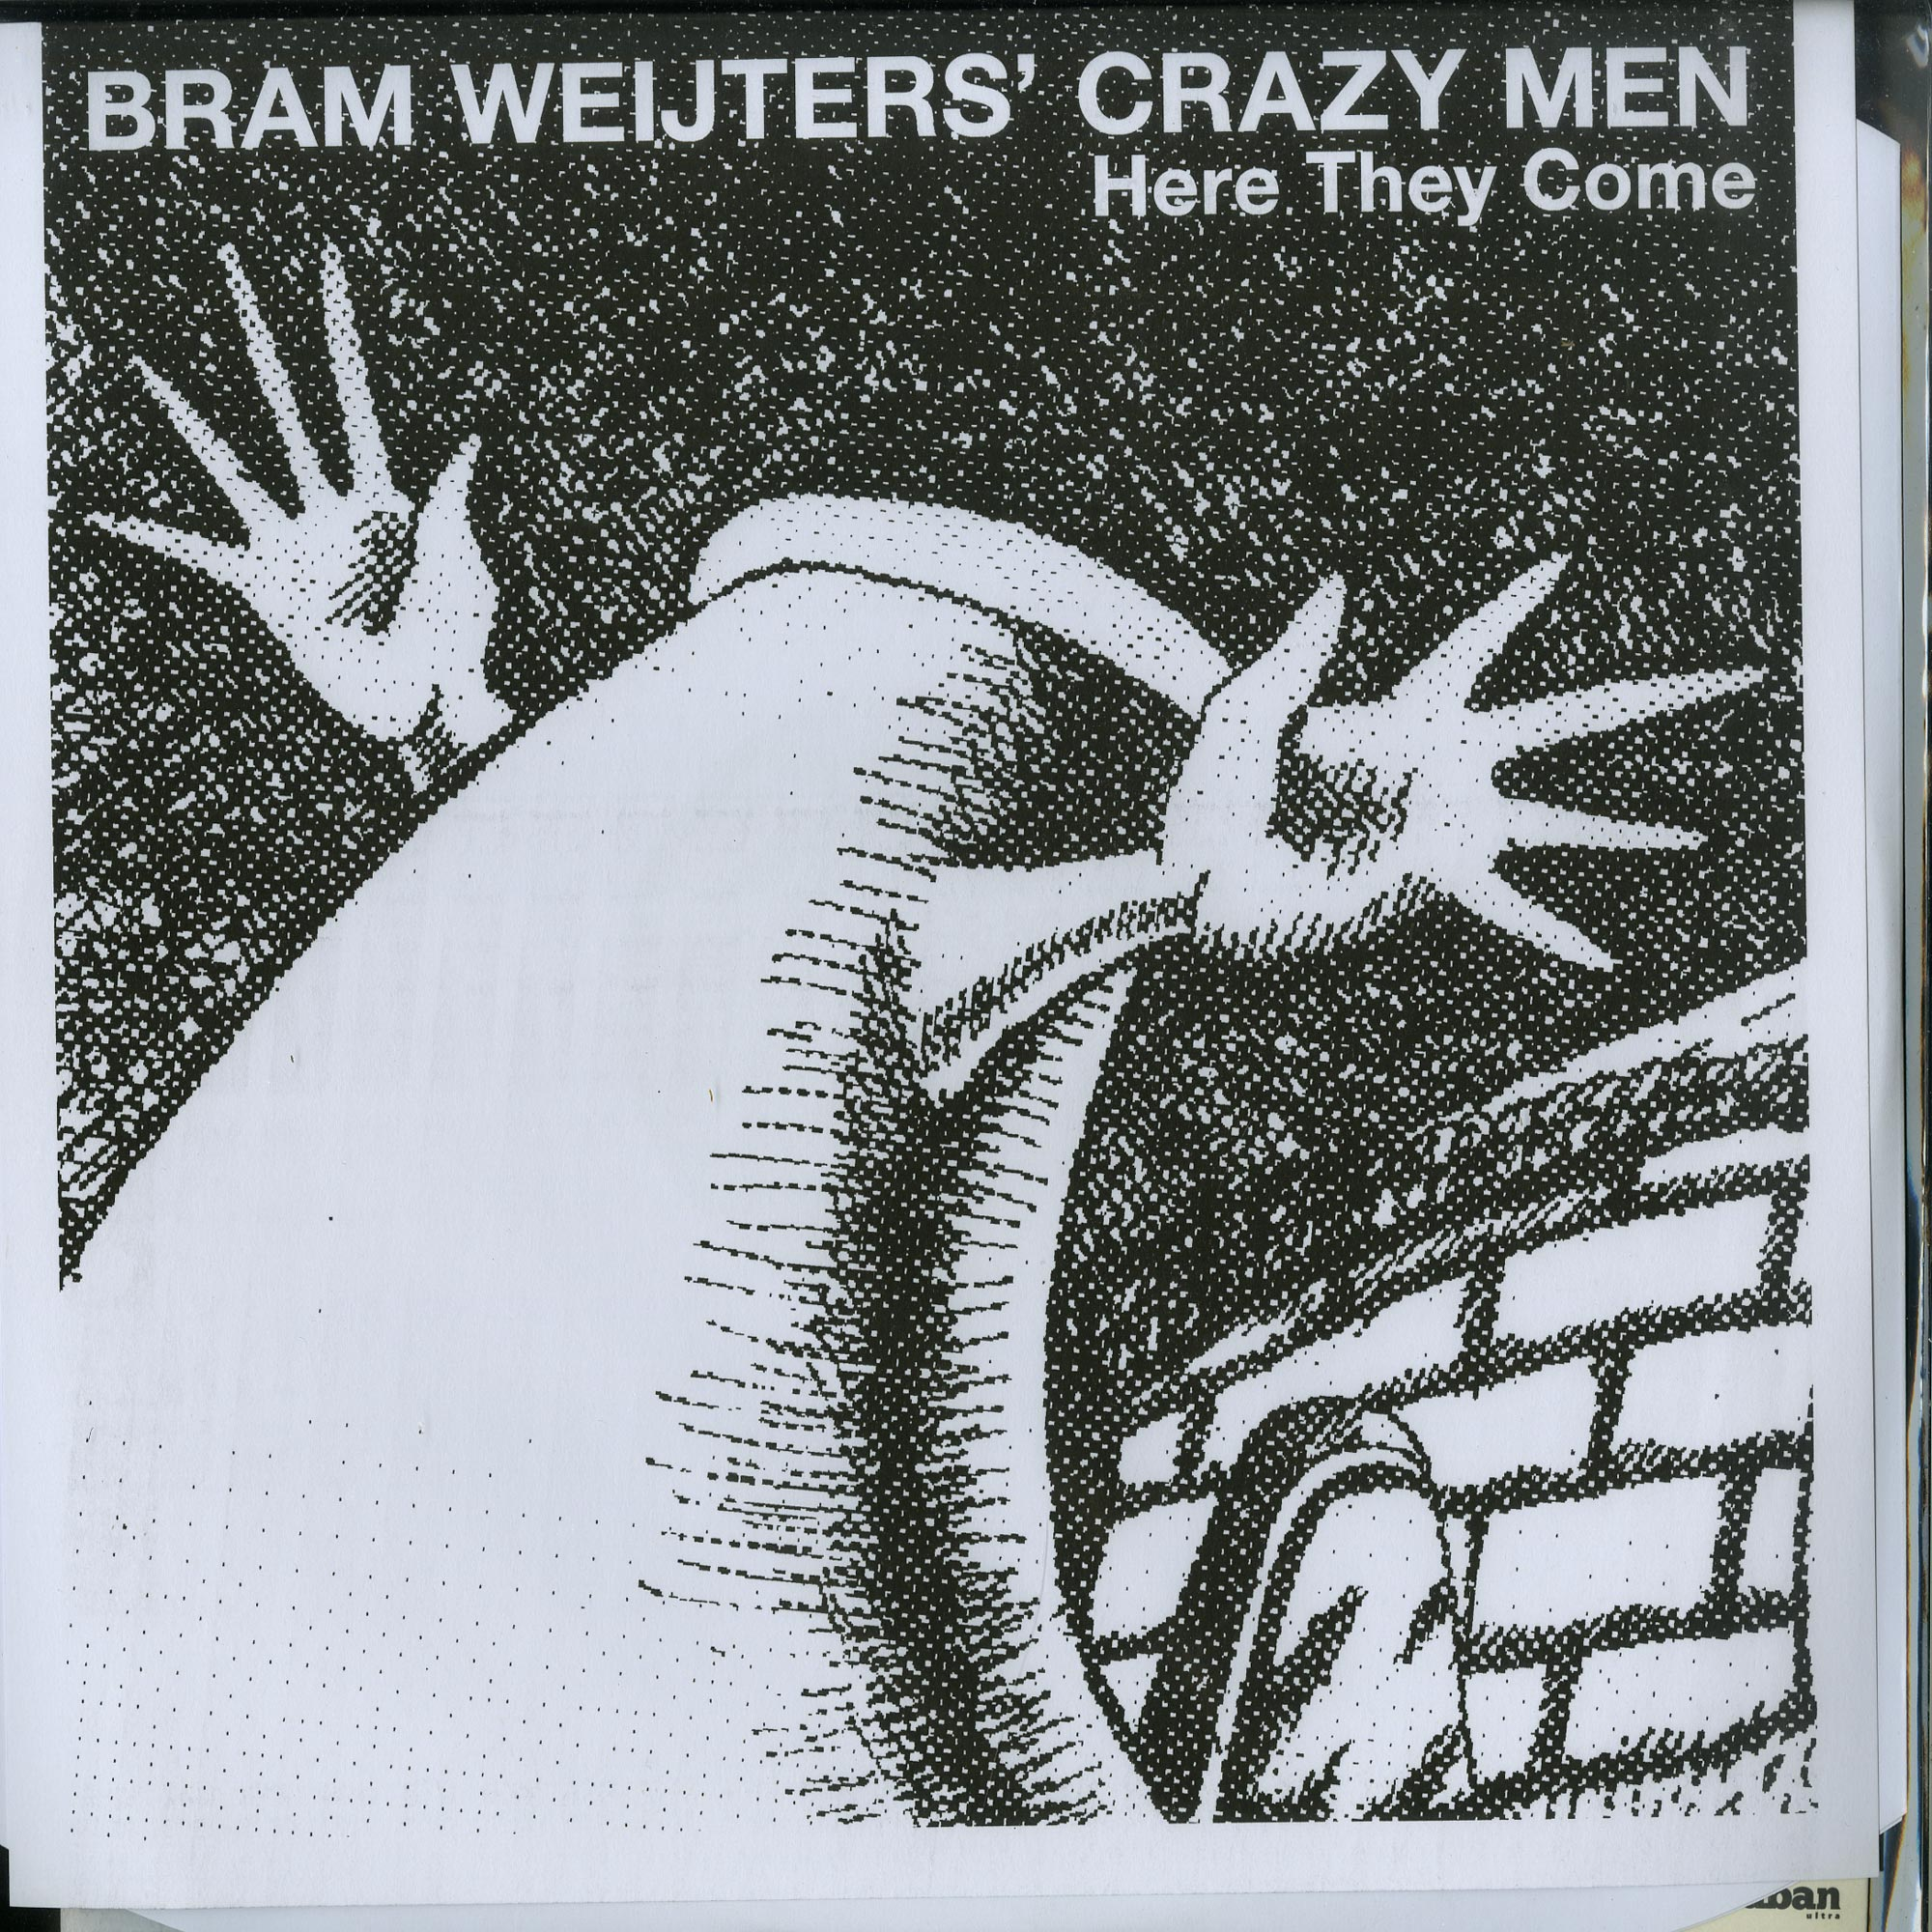 Bram Weijters Crazy Men - HERE THEY COME